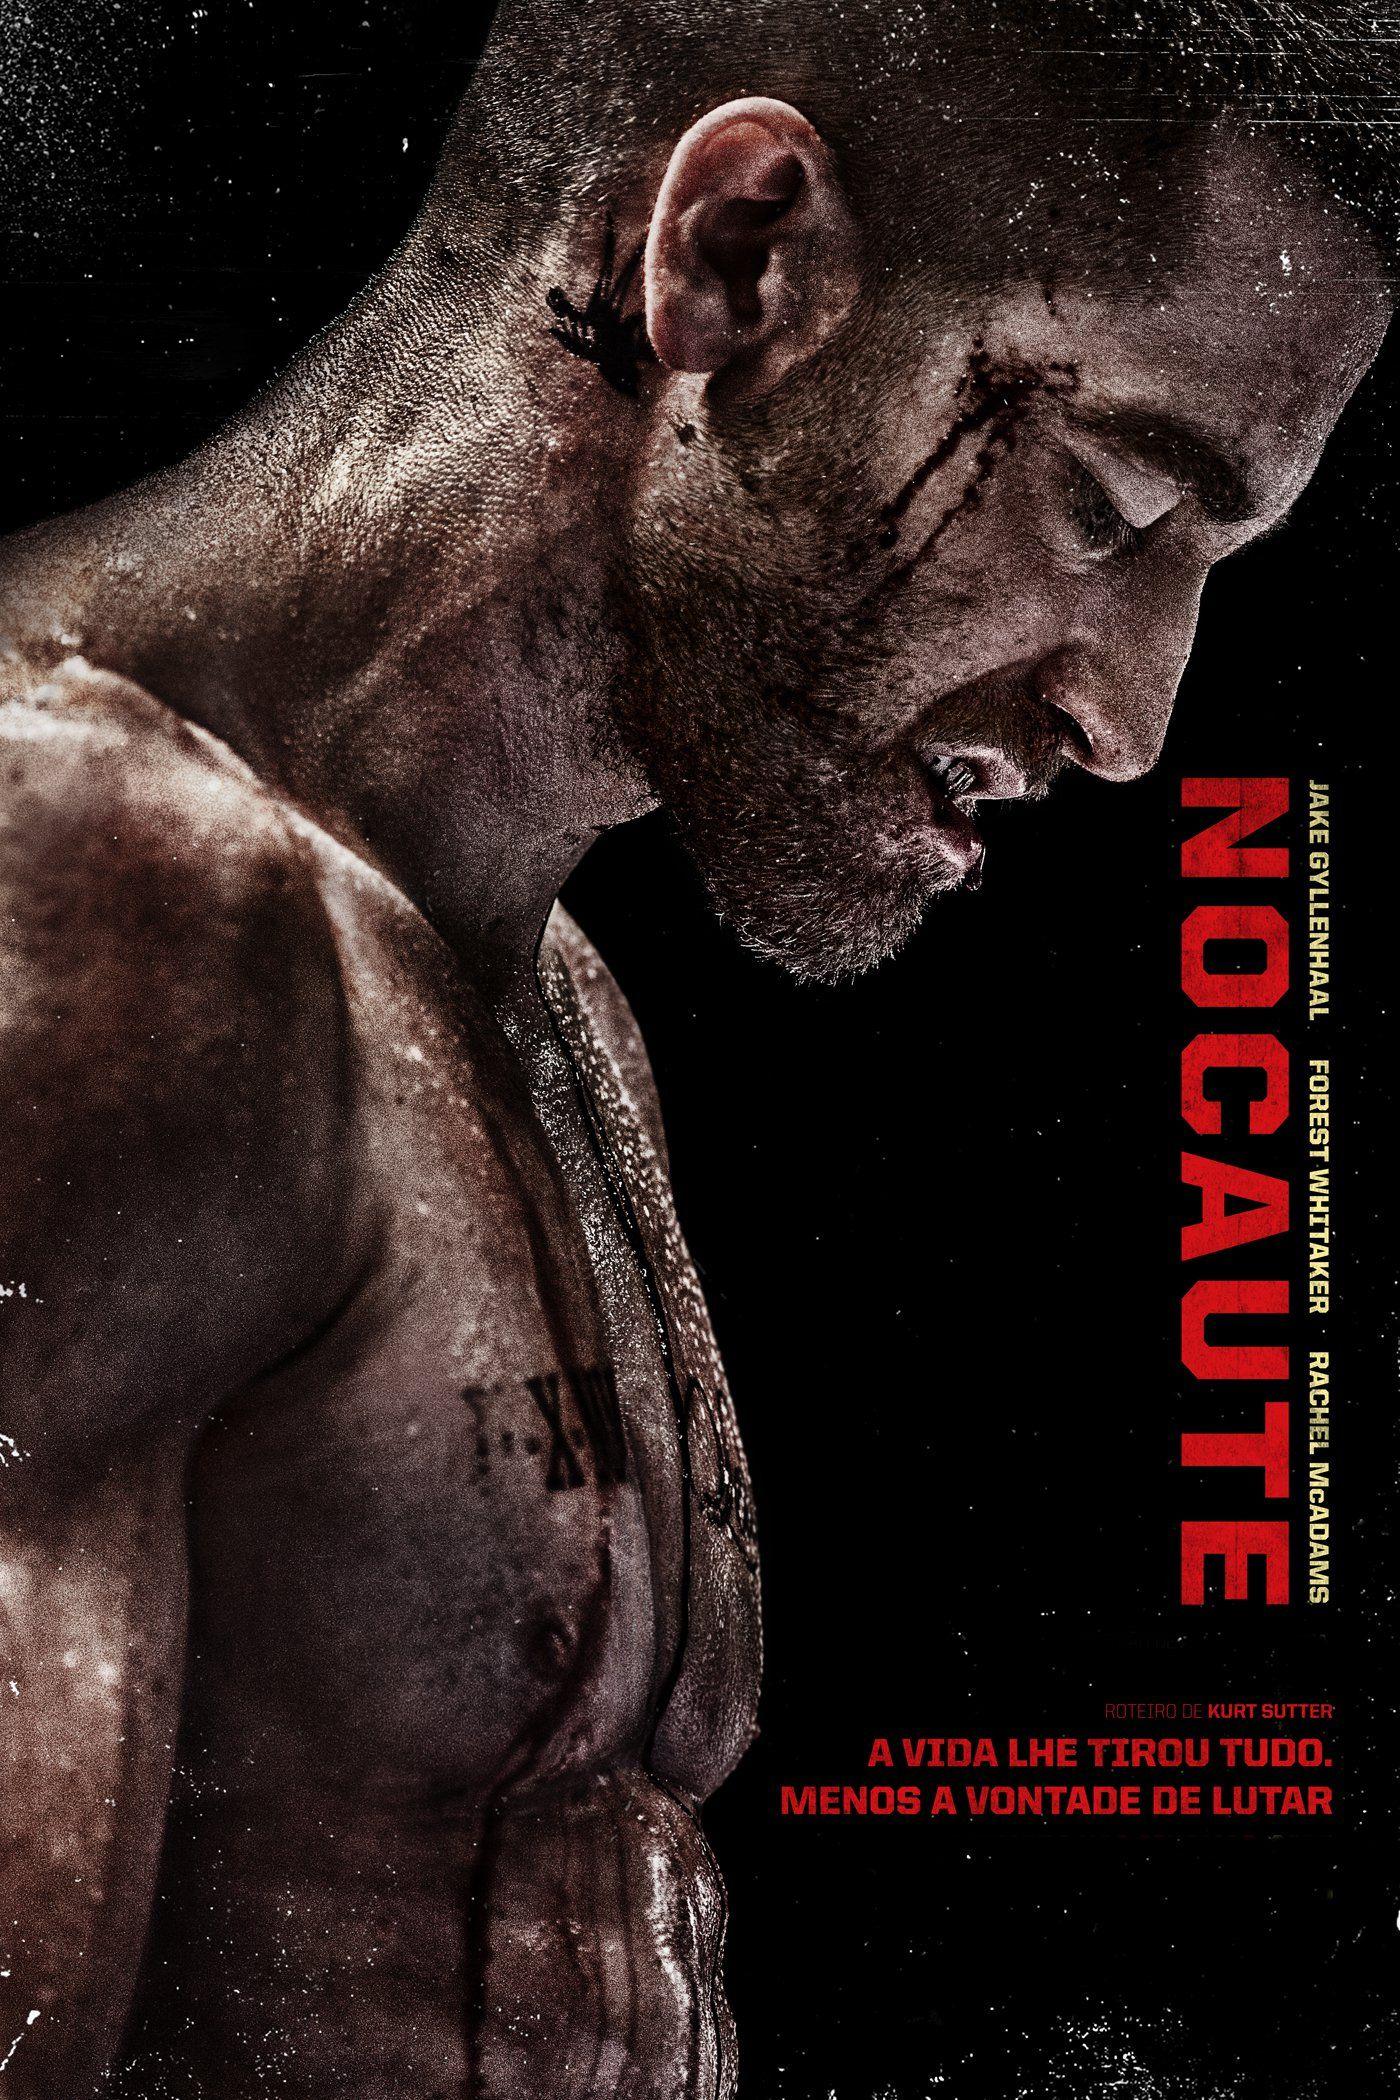 Critica Do Filme Nocaute Filmes Completos Gratis Filmes Jake